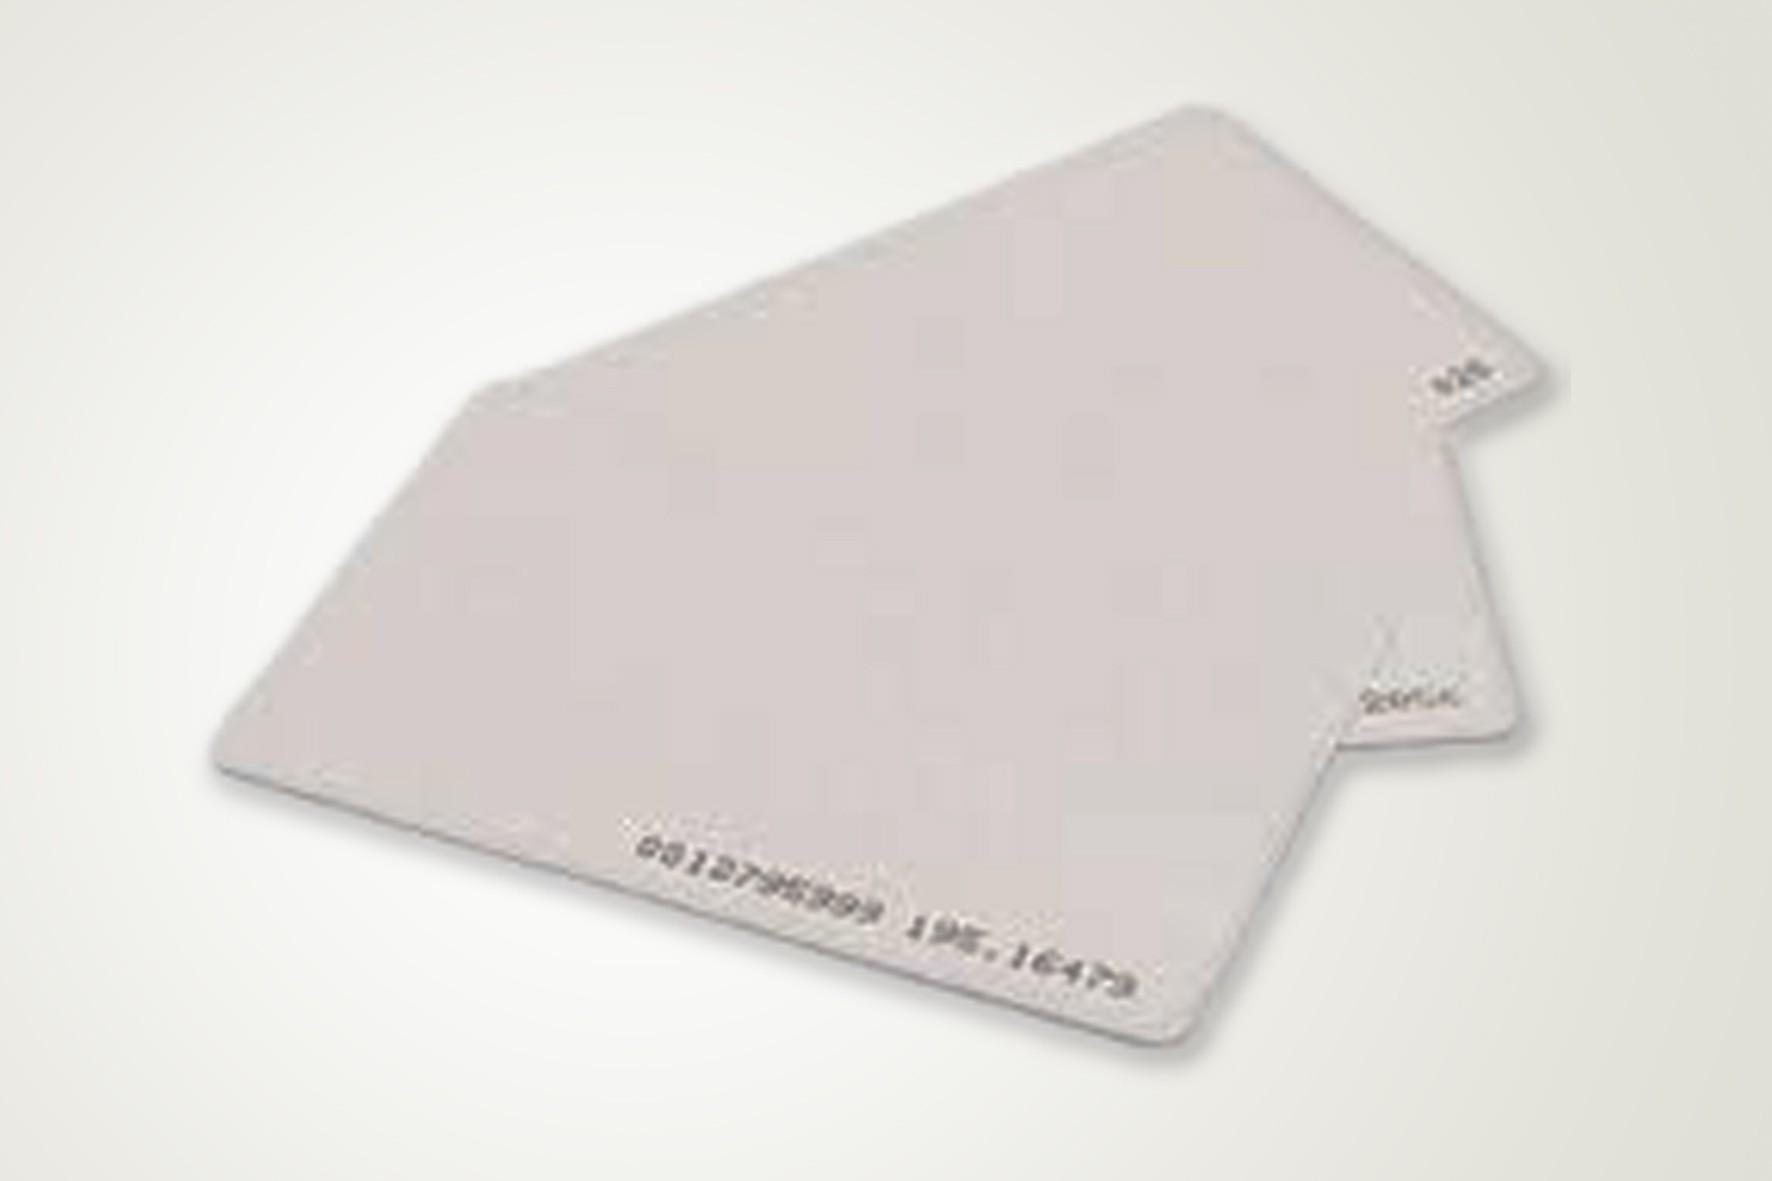 Cartões com Chip de Proximidade no Jardim Nova Germania - Calendário Preço